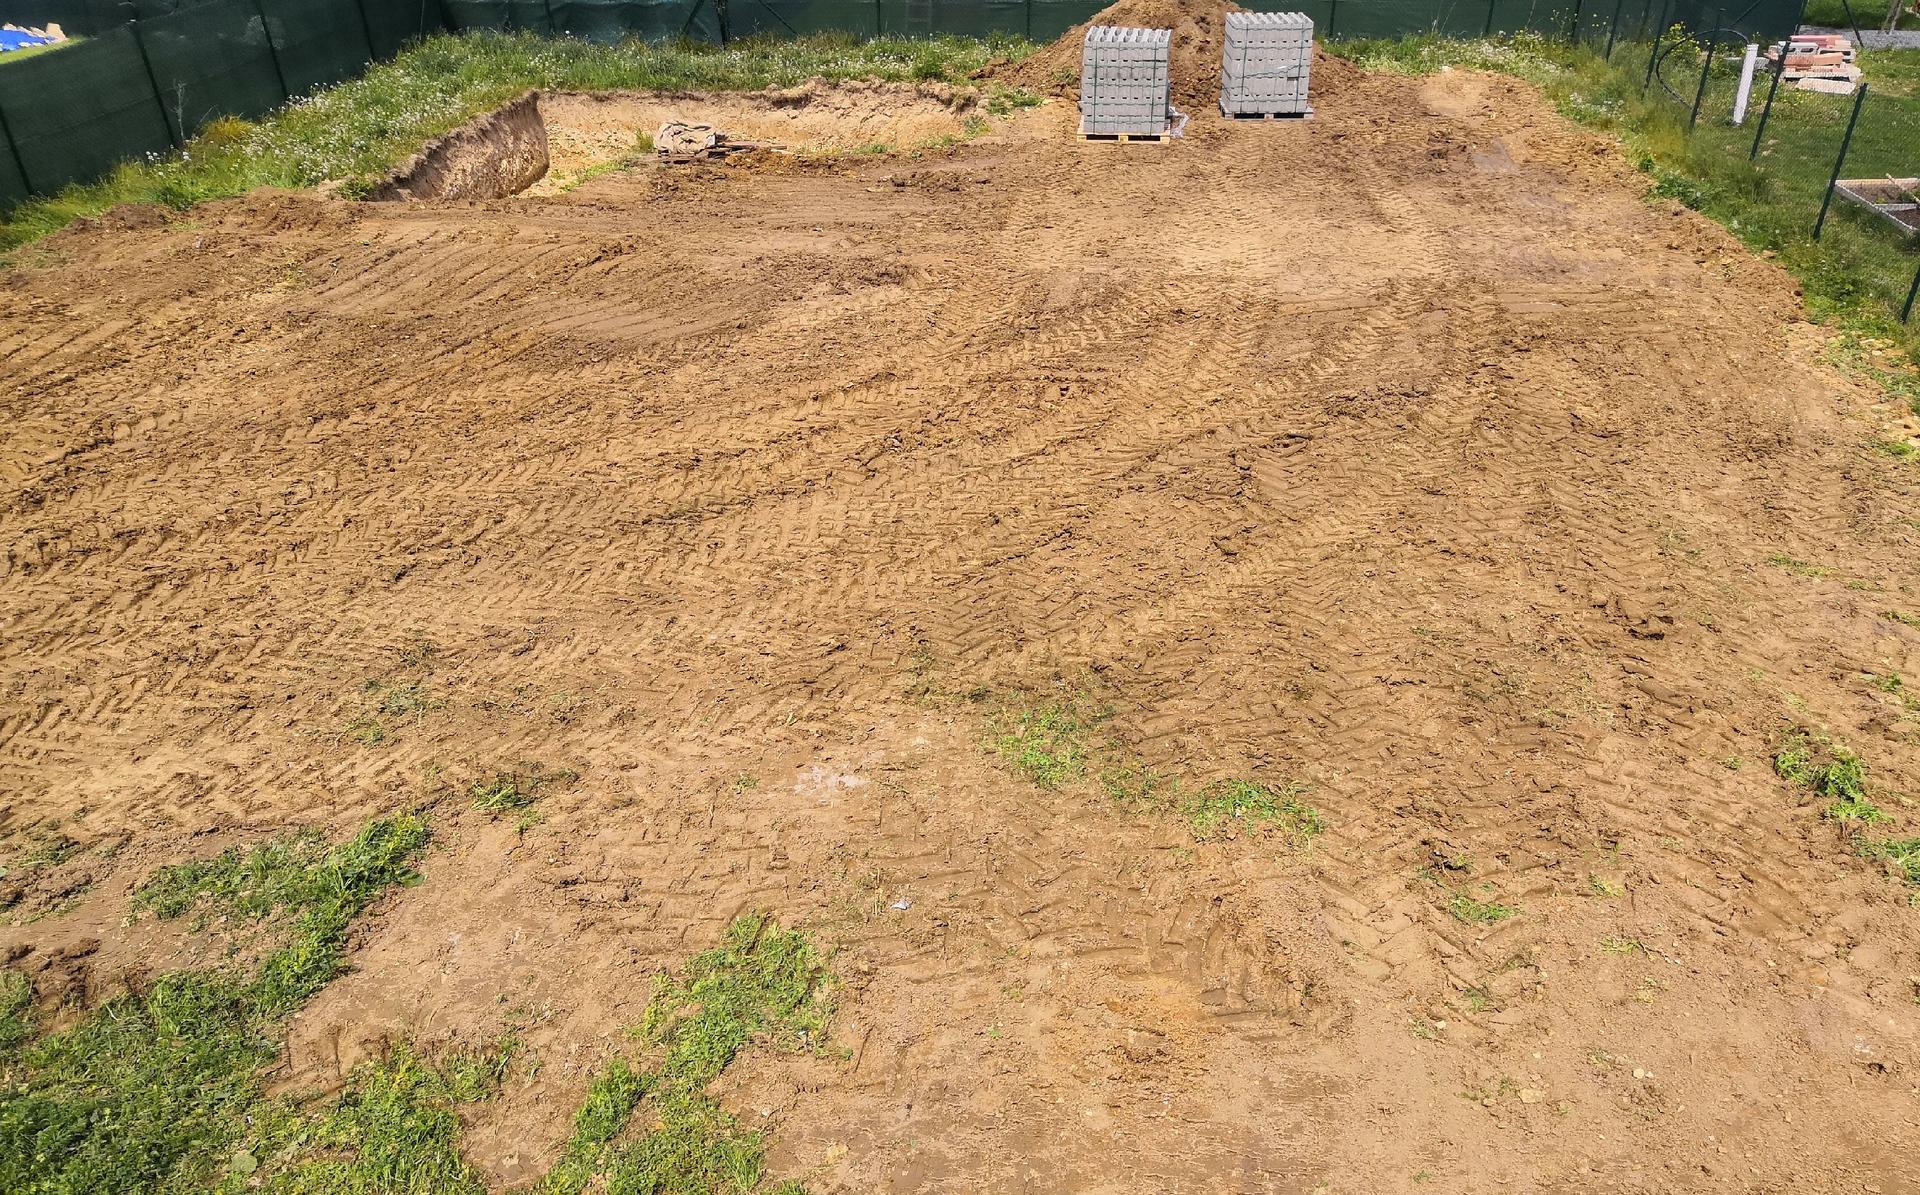 Zahrada na klíč - 13.5.2020 Profesionální úprava zahrady začala. Nejprve najel do zahrady bagr, který hrubě srovnal terén a připravil mírnou vlnu dolů uprostřed pozemku, kde bude mírný jednorázový svah. Zároveň již dorazilo ztracené bednění na stavbu jezírka.